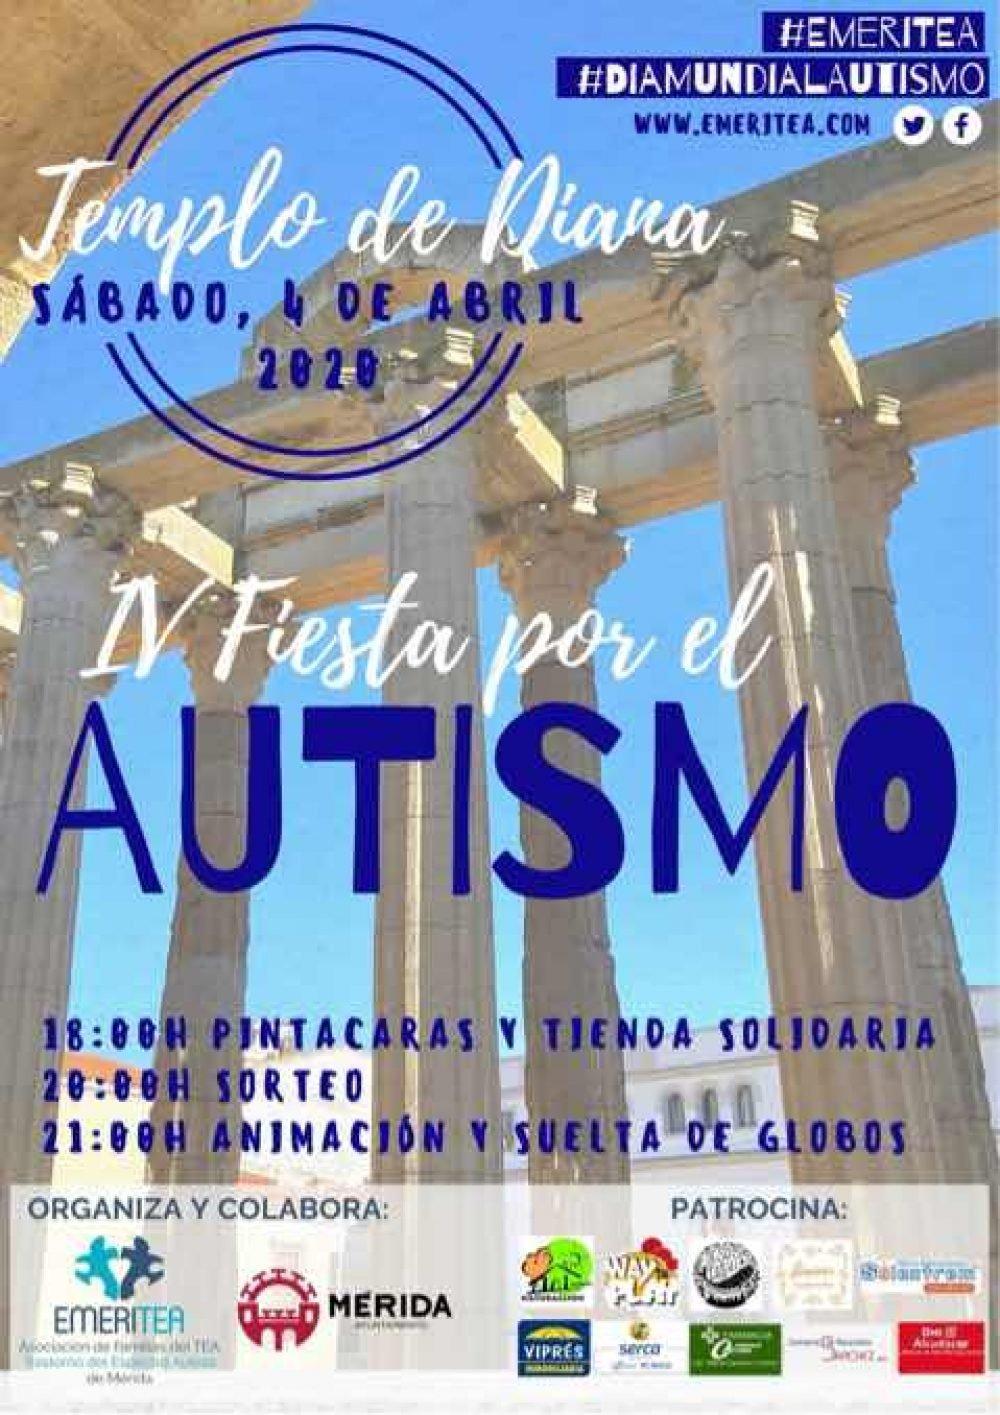 IV Fiesta por el Autismo (CANCELADO)